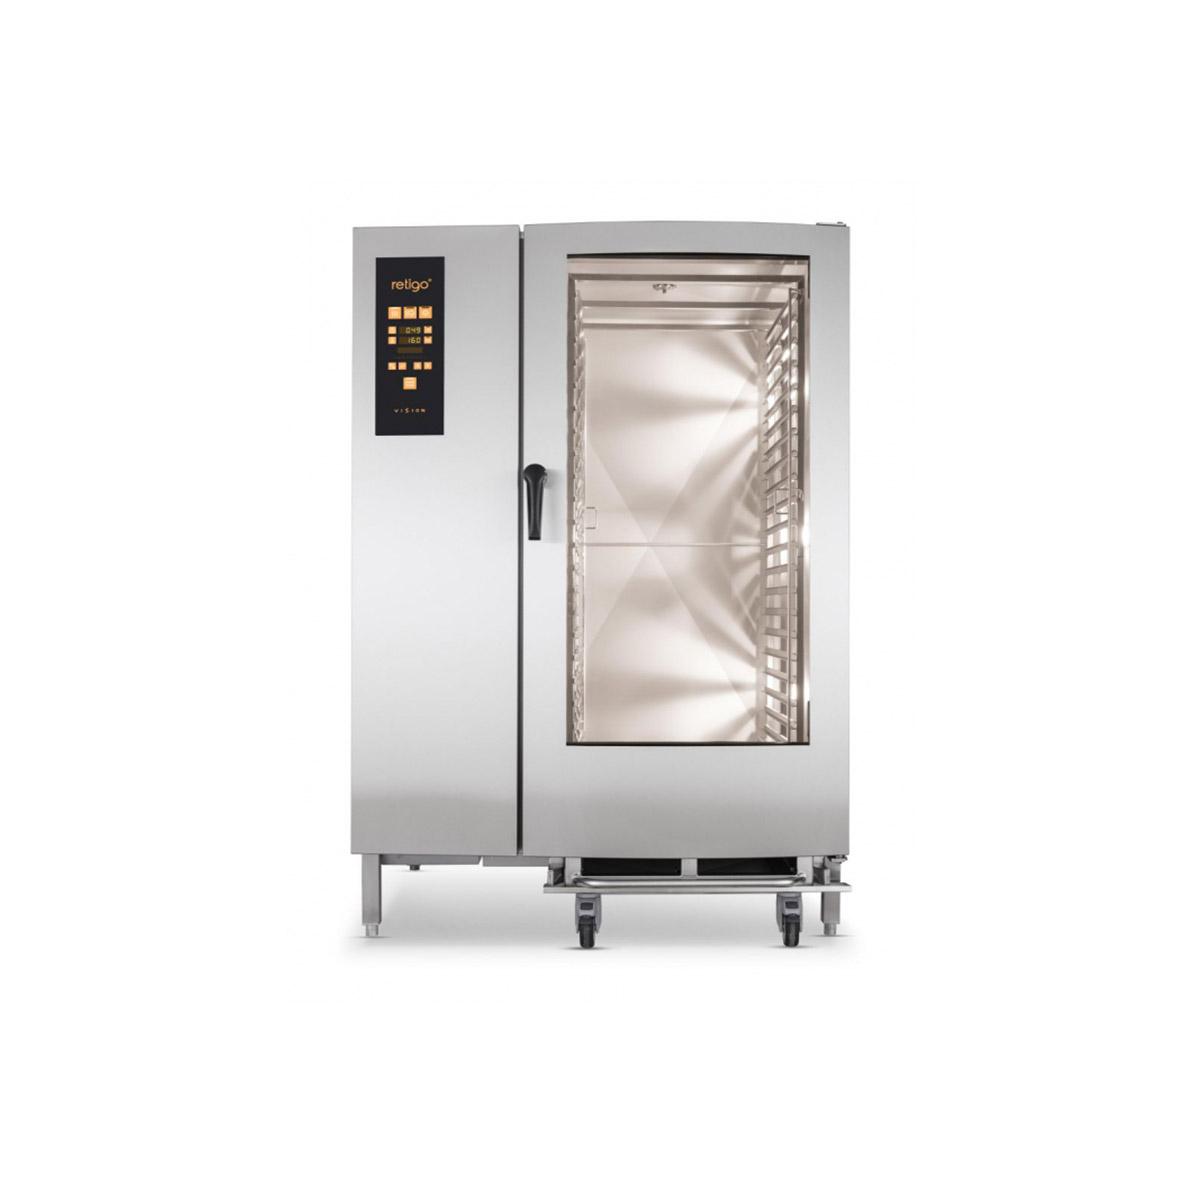 Retigo Orange Vision Combination Oven O2021i